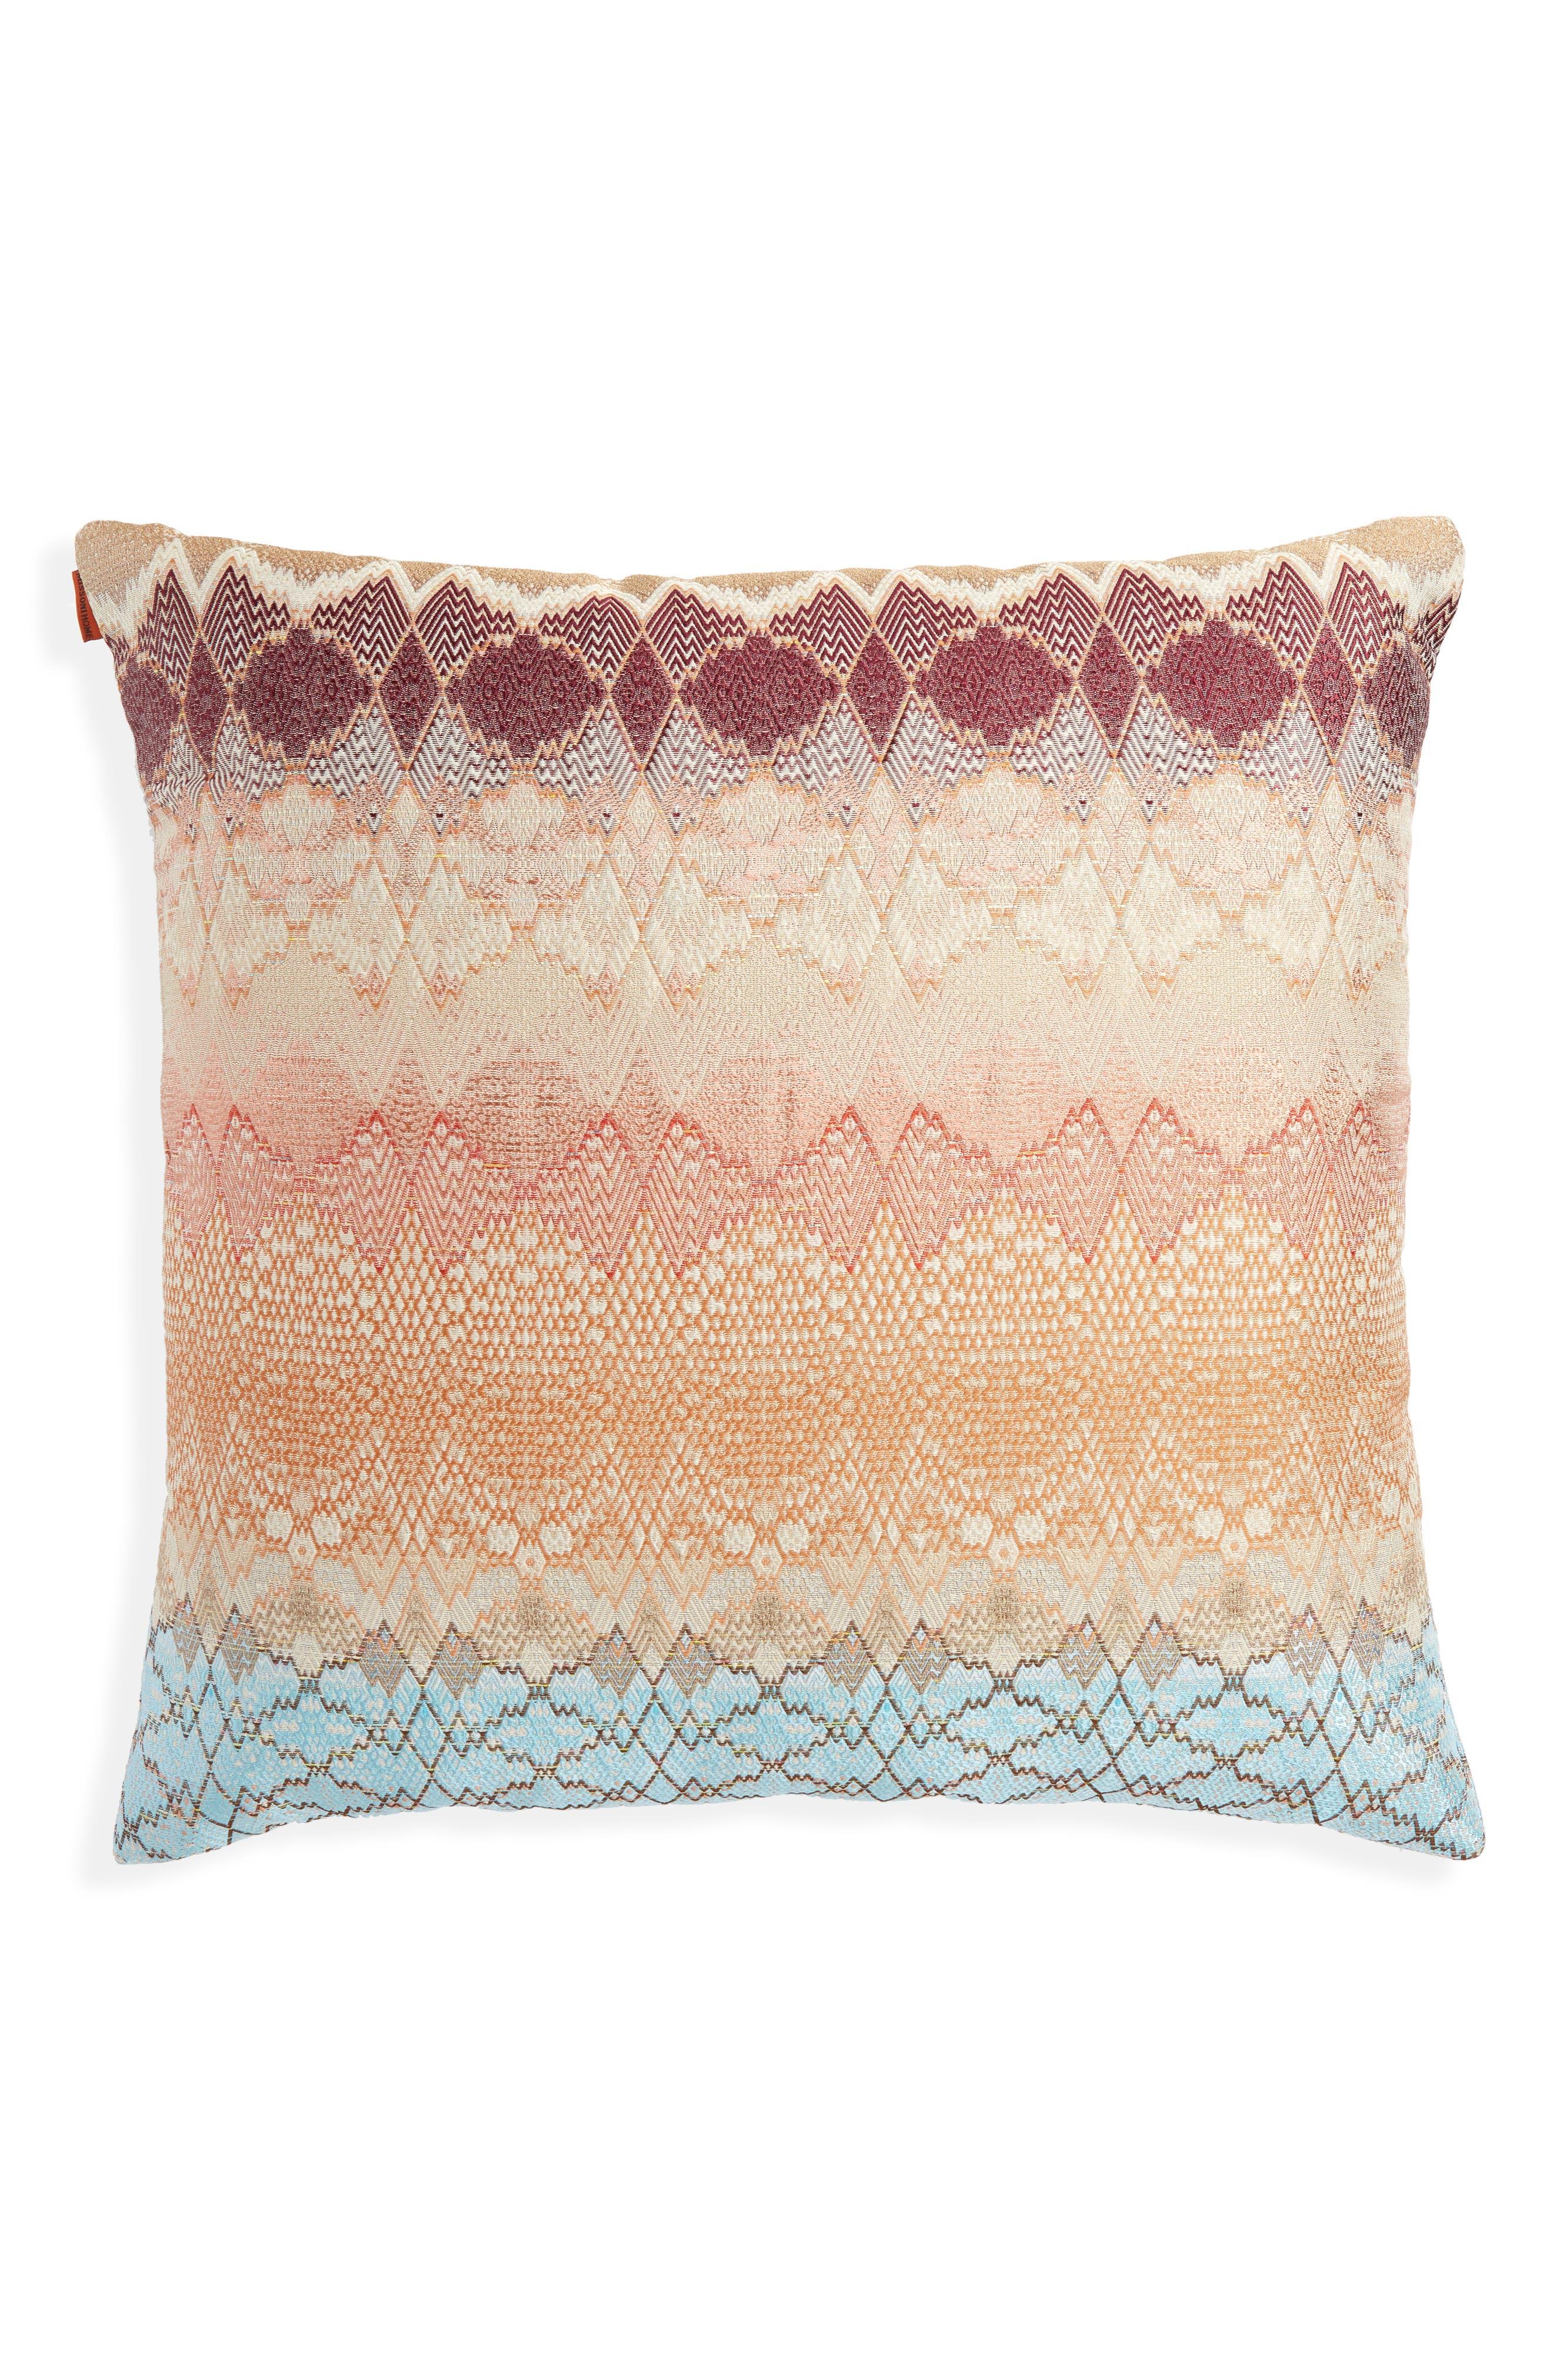 MISSONI Tbilissi Accent Pillow, Main, color, 800